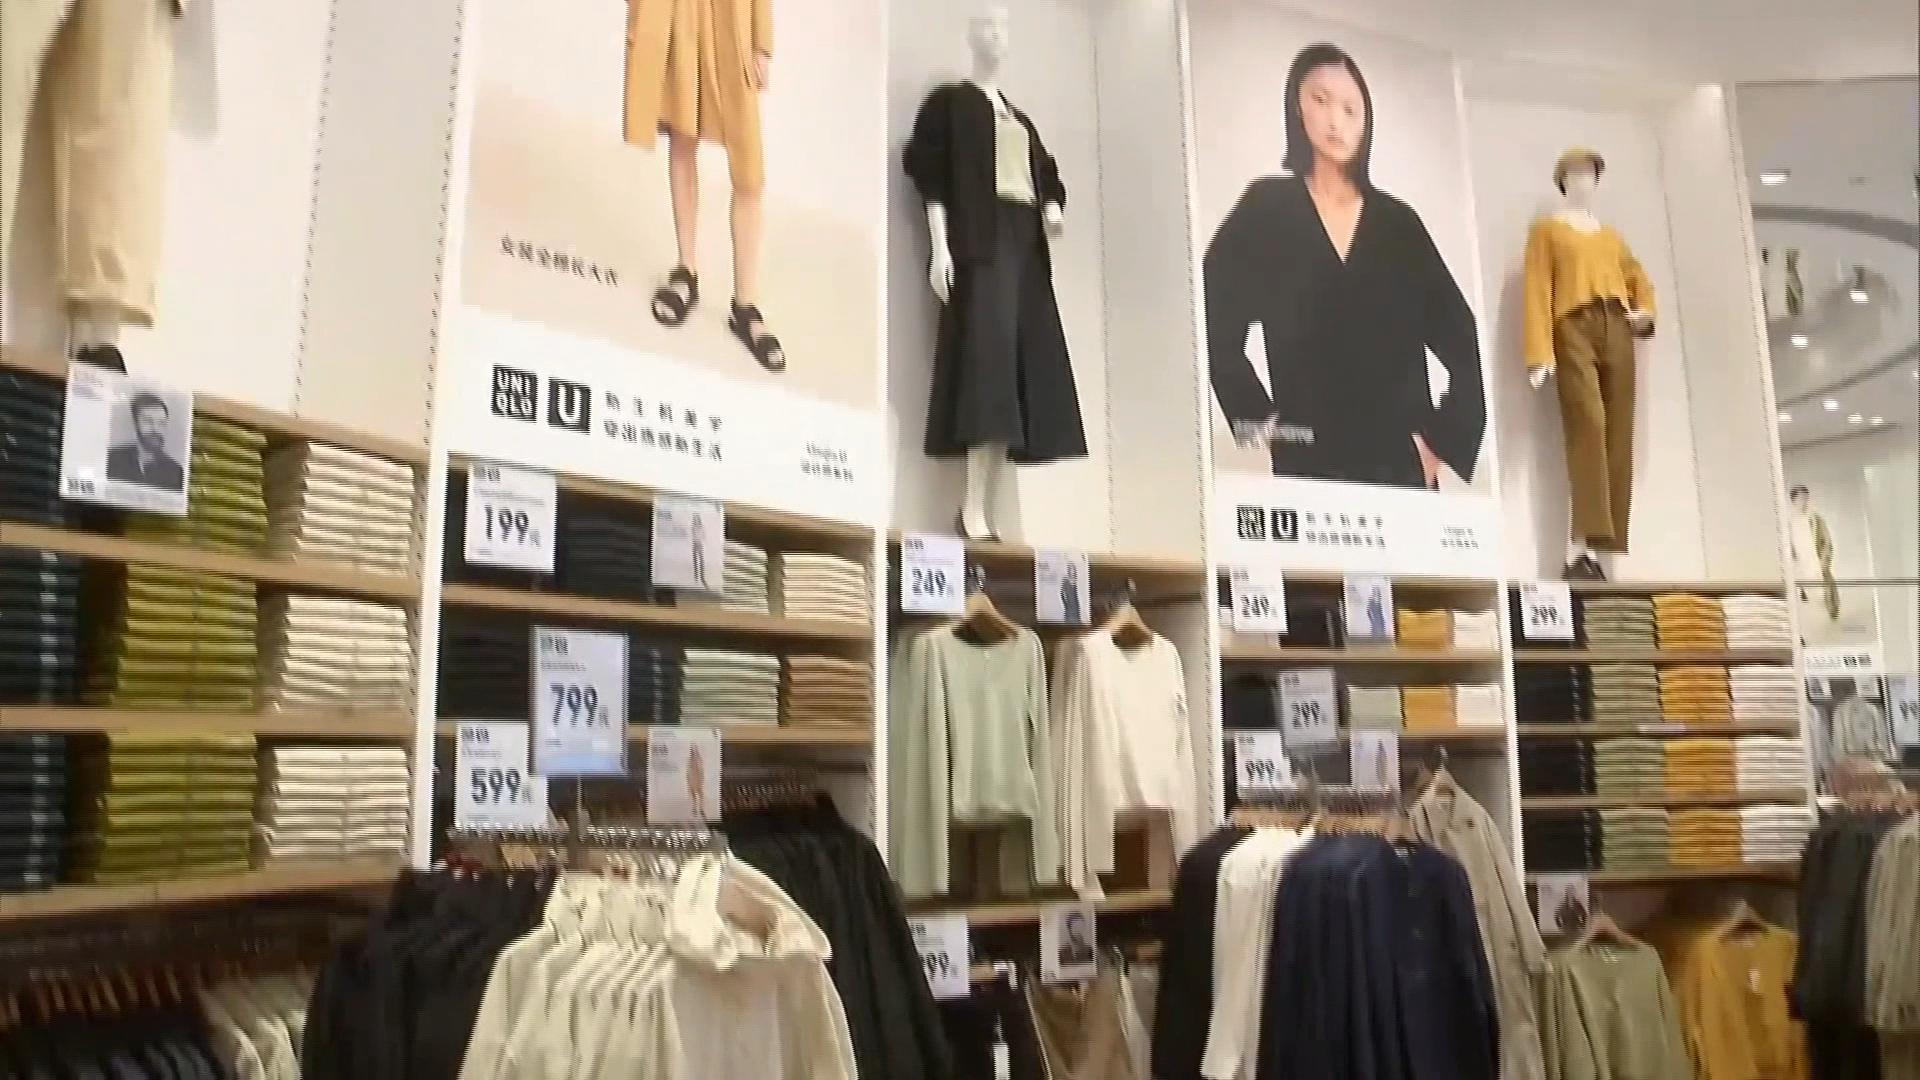 優衣庫市值破千億美元 首成全球服飾一哥